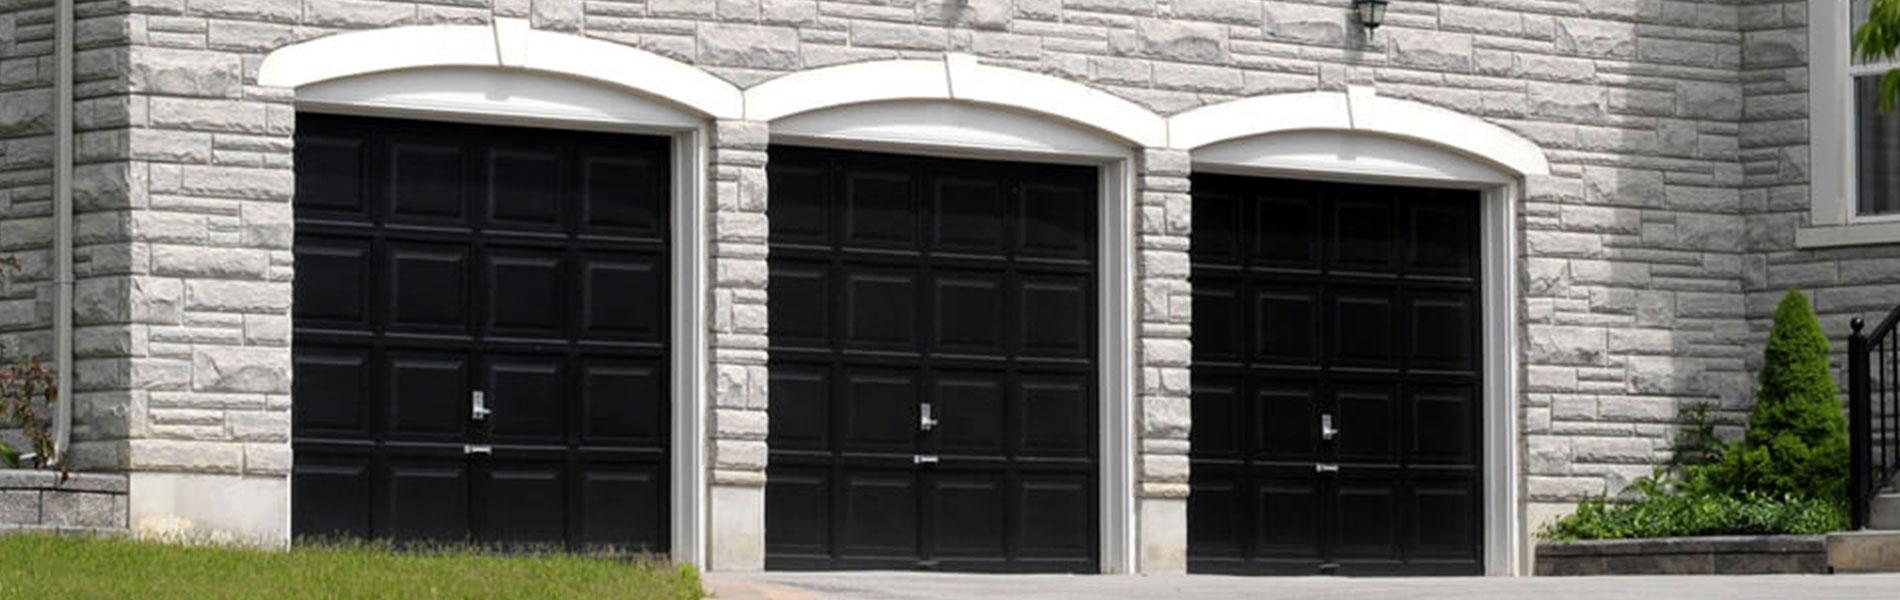 Neighborhood Garage Door Service Garage Door Roller Repair Los Angeles Ca 323 489 4039